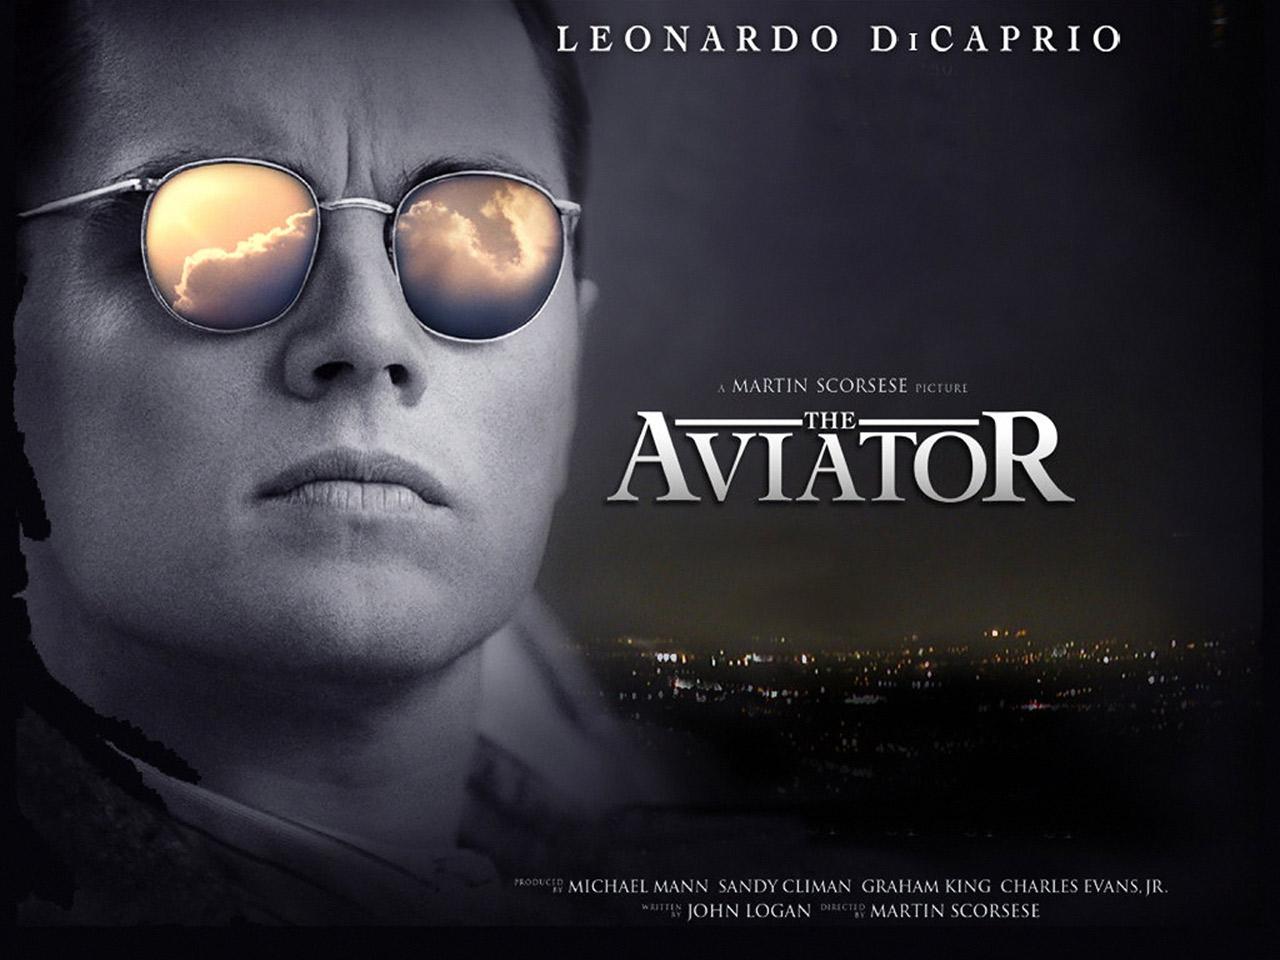 http://4.bp.blogspot.com/-tIxurbXiJT8/T0FkPn-zc8I/AAAAAAAADRk/B_EoR7F8xnI/s1600/The_Aviator,_2004,_Leonardo_DiCaprio.jpg